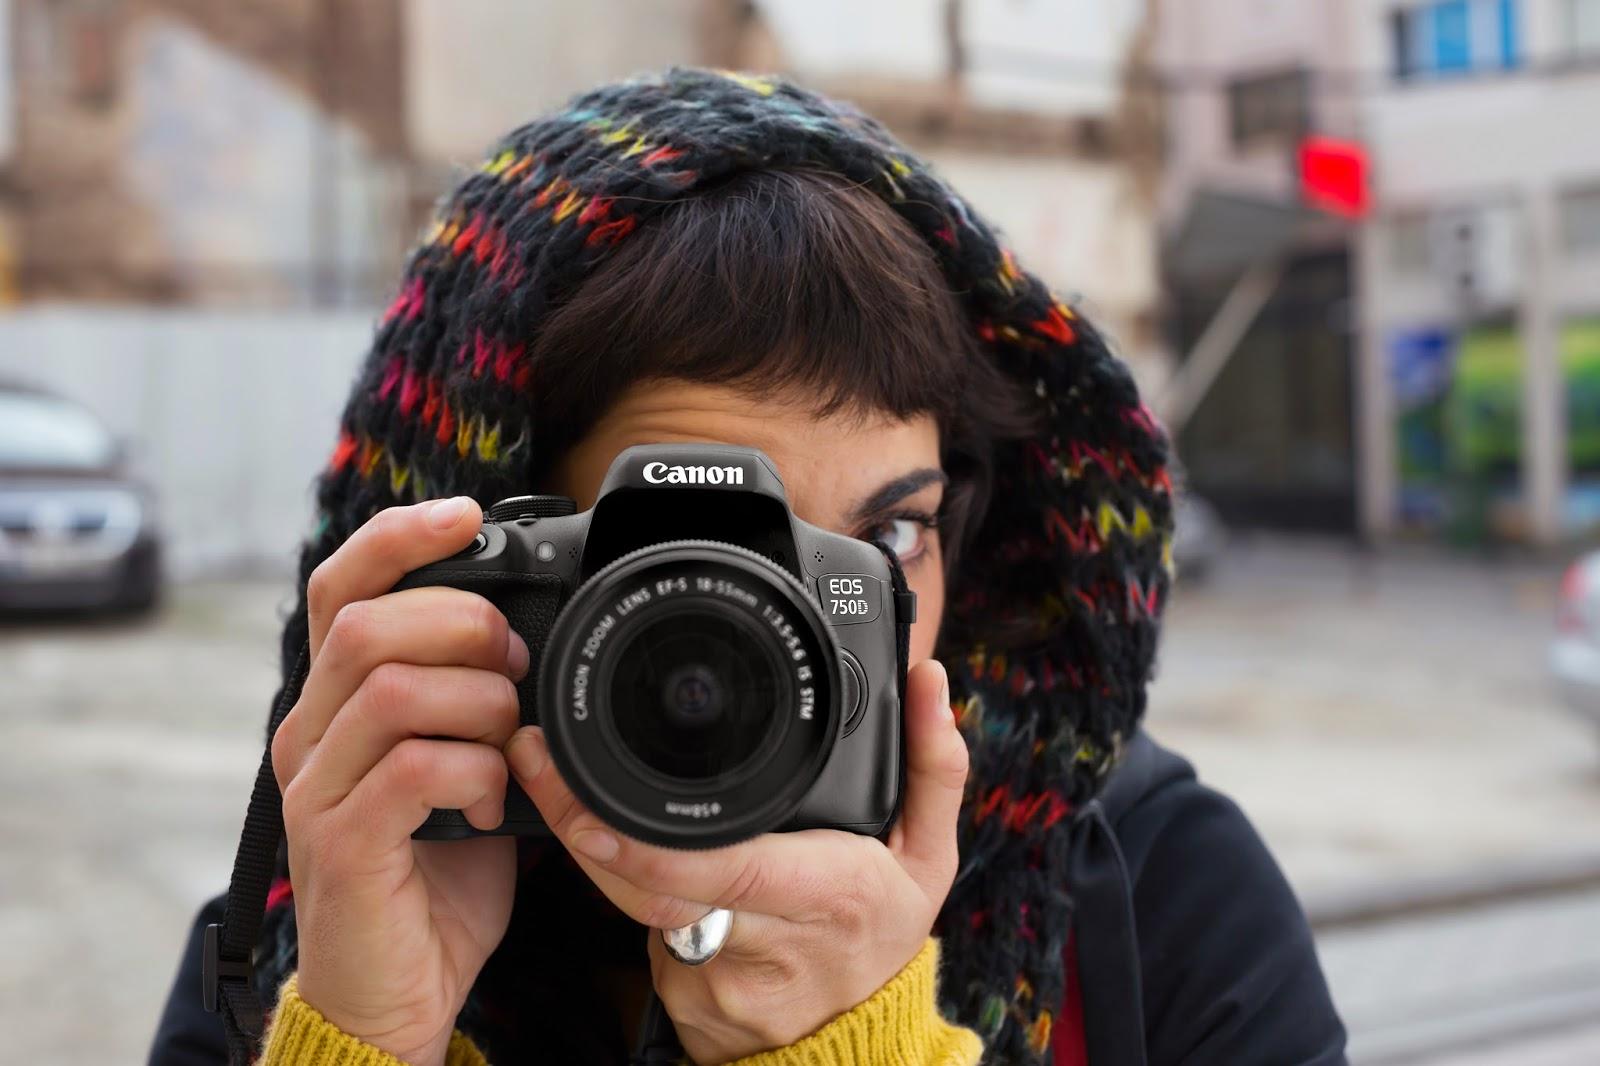 Canon EOS 750D vs Nikon D810 to inspire budding